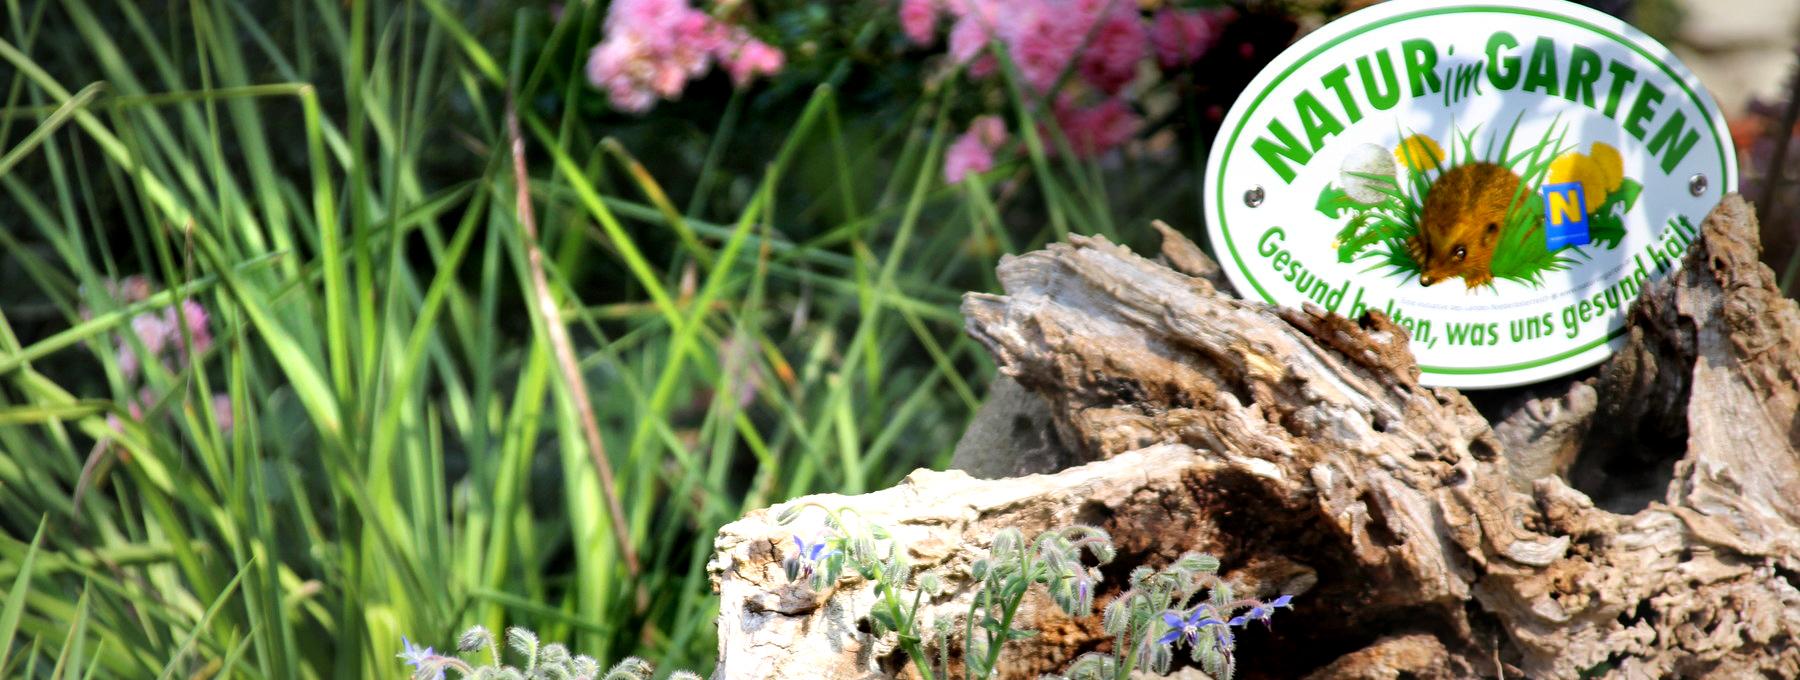 Tv Natur Im Garten Ausreise Info